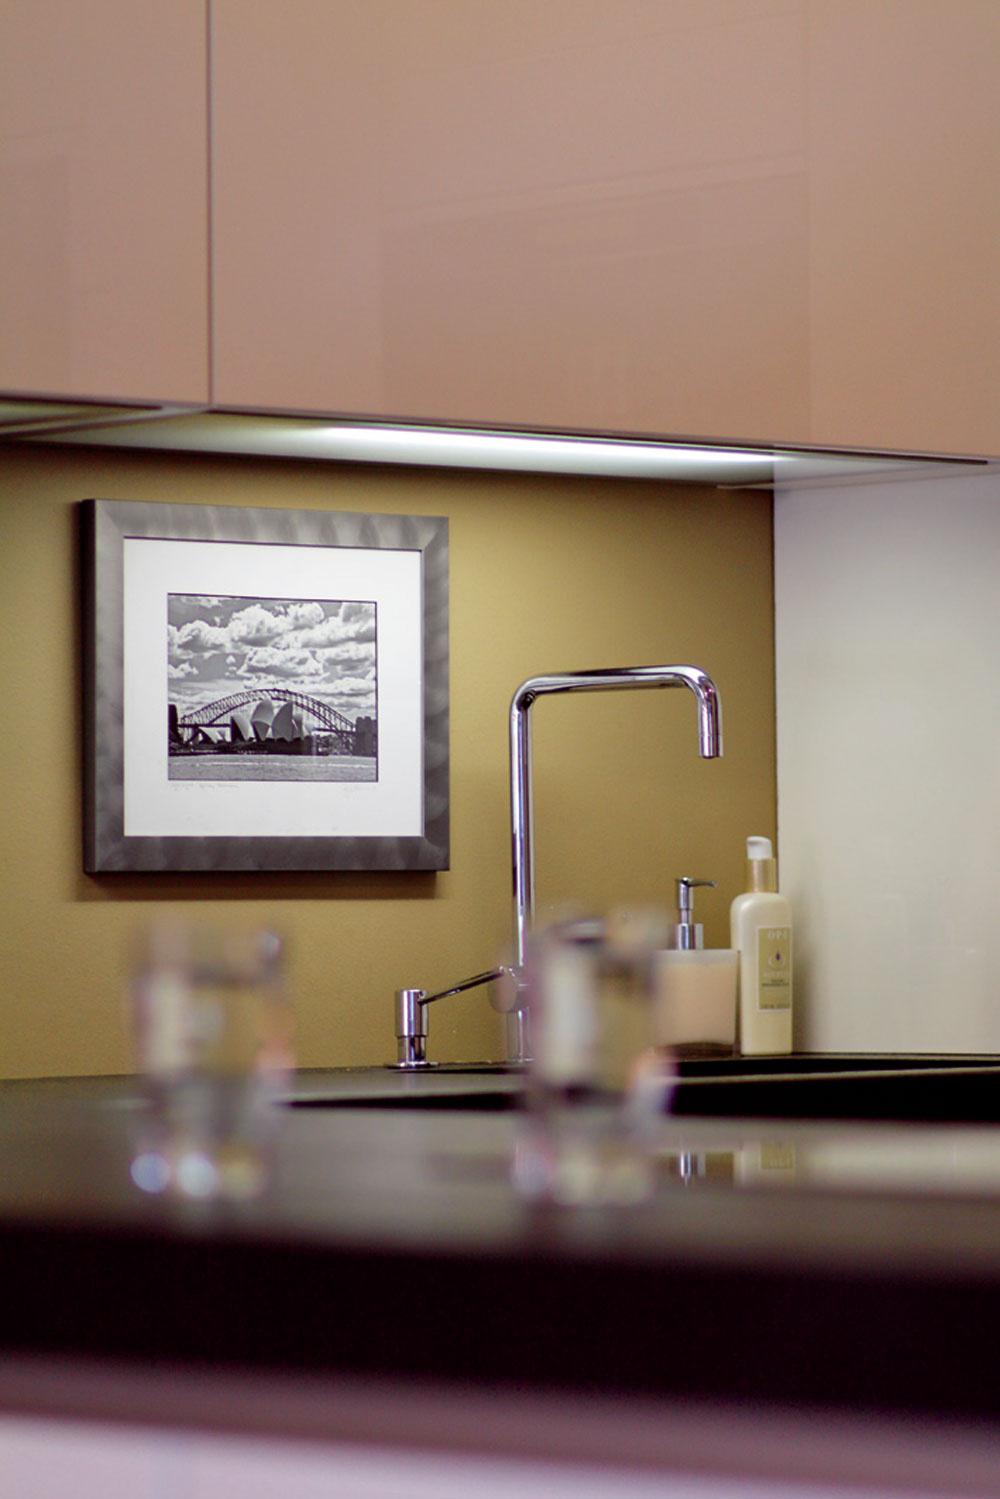 Továrenský pôvod sa tomuto interiéru jednoducho nedá odoprieť aprejavuje sa aj vmnožstve doplnkov. Priestor za kuchynskou batériou je zjemnený obľúbeným motívom majiteľky – čiernobielou fotografiou.